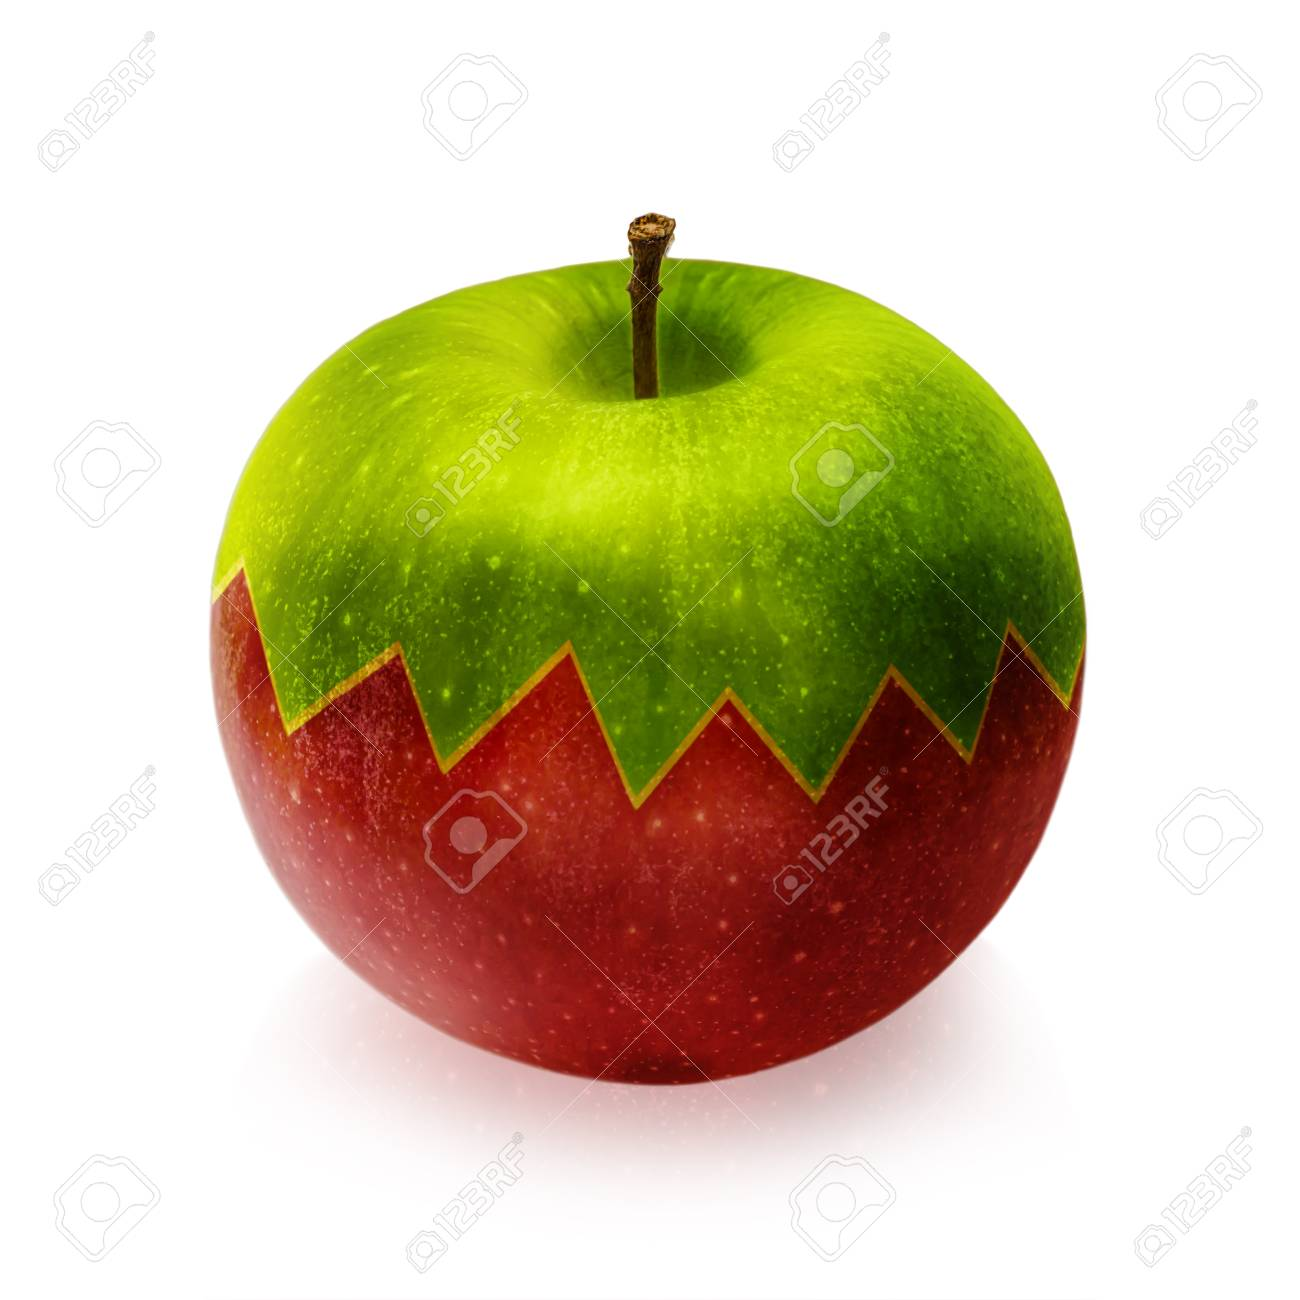 Immagini Stock Verde E Rosso Apple Isolato Su Sfondo Bianco Image